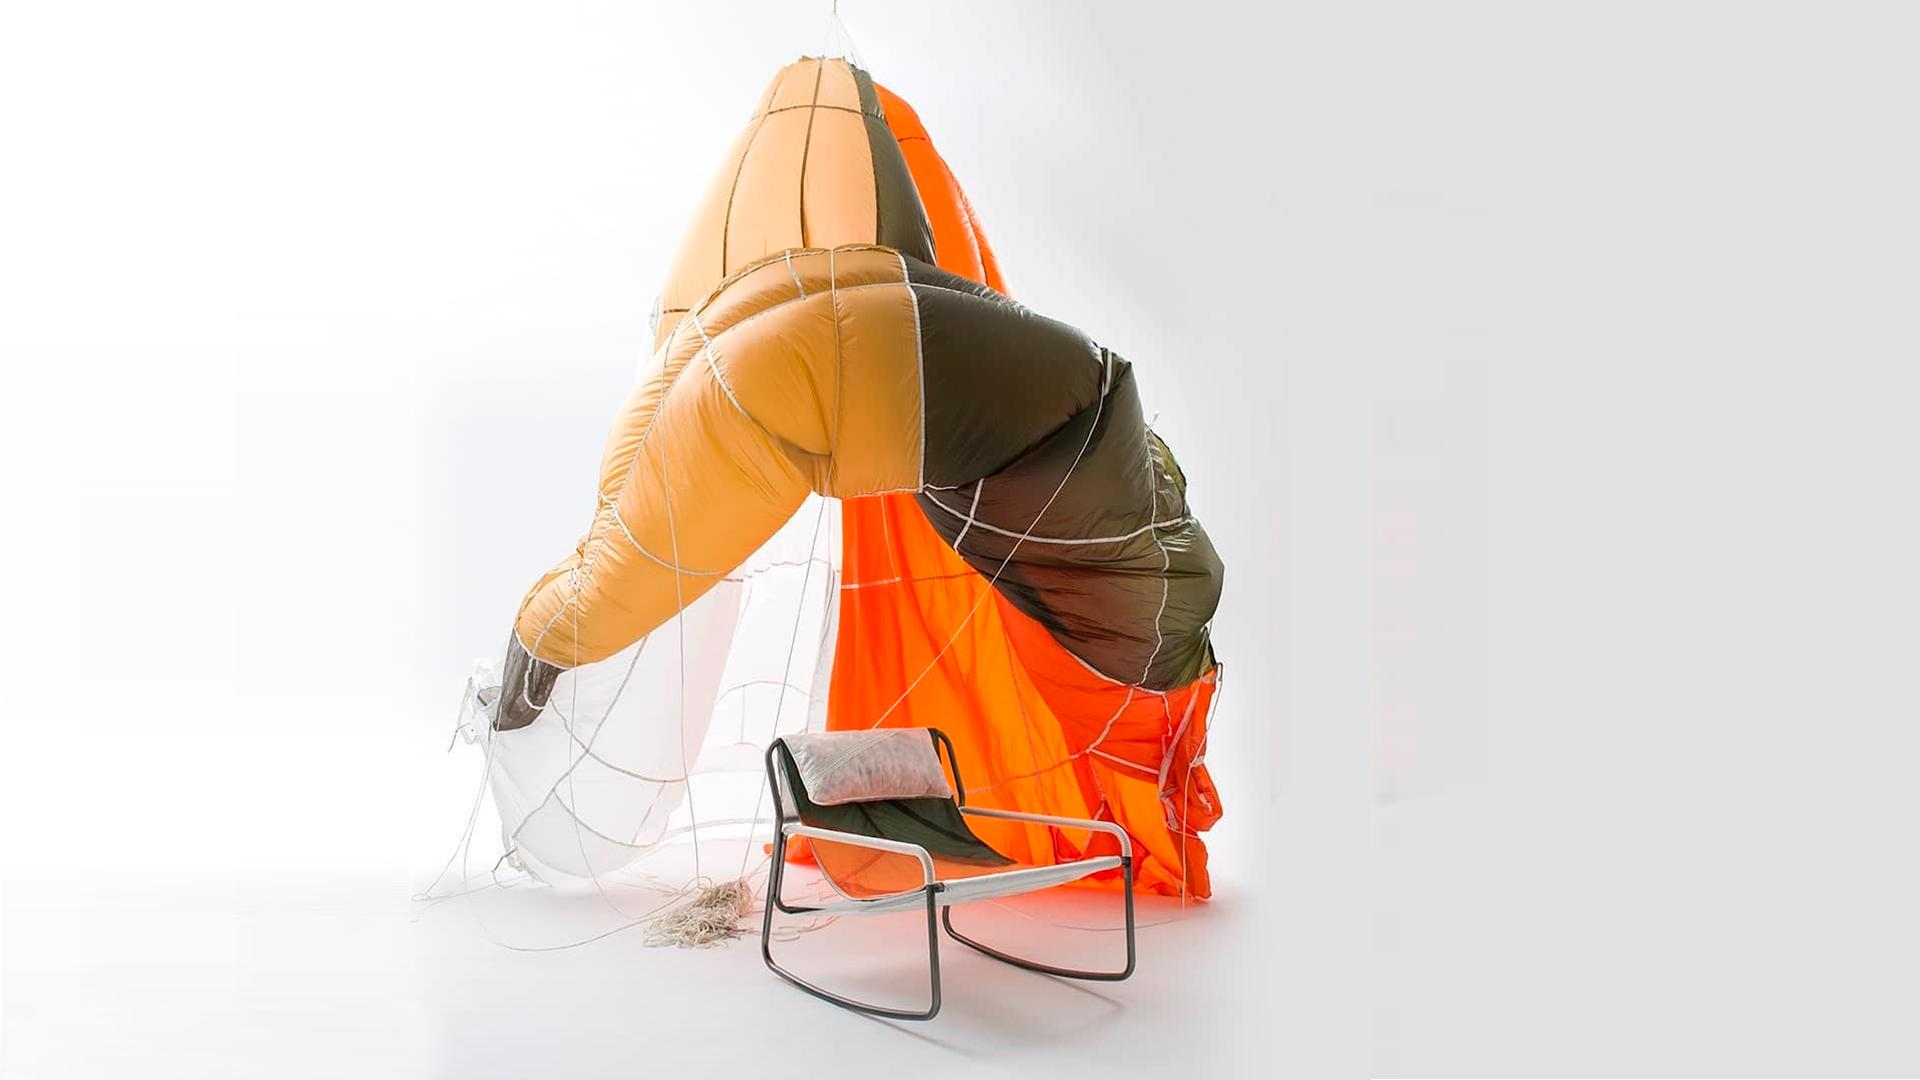 Layer Design y Raeburn se unieron para darle una segunda vida a los paracaídas militares